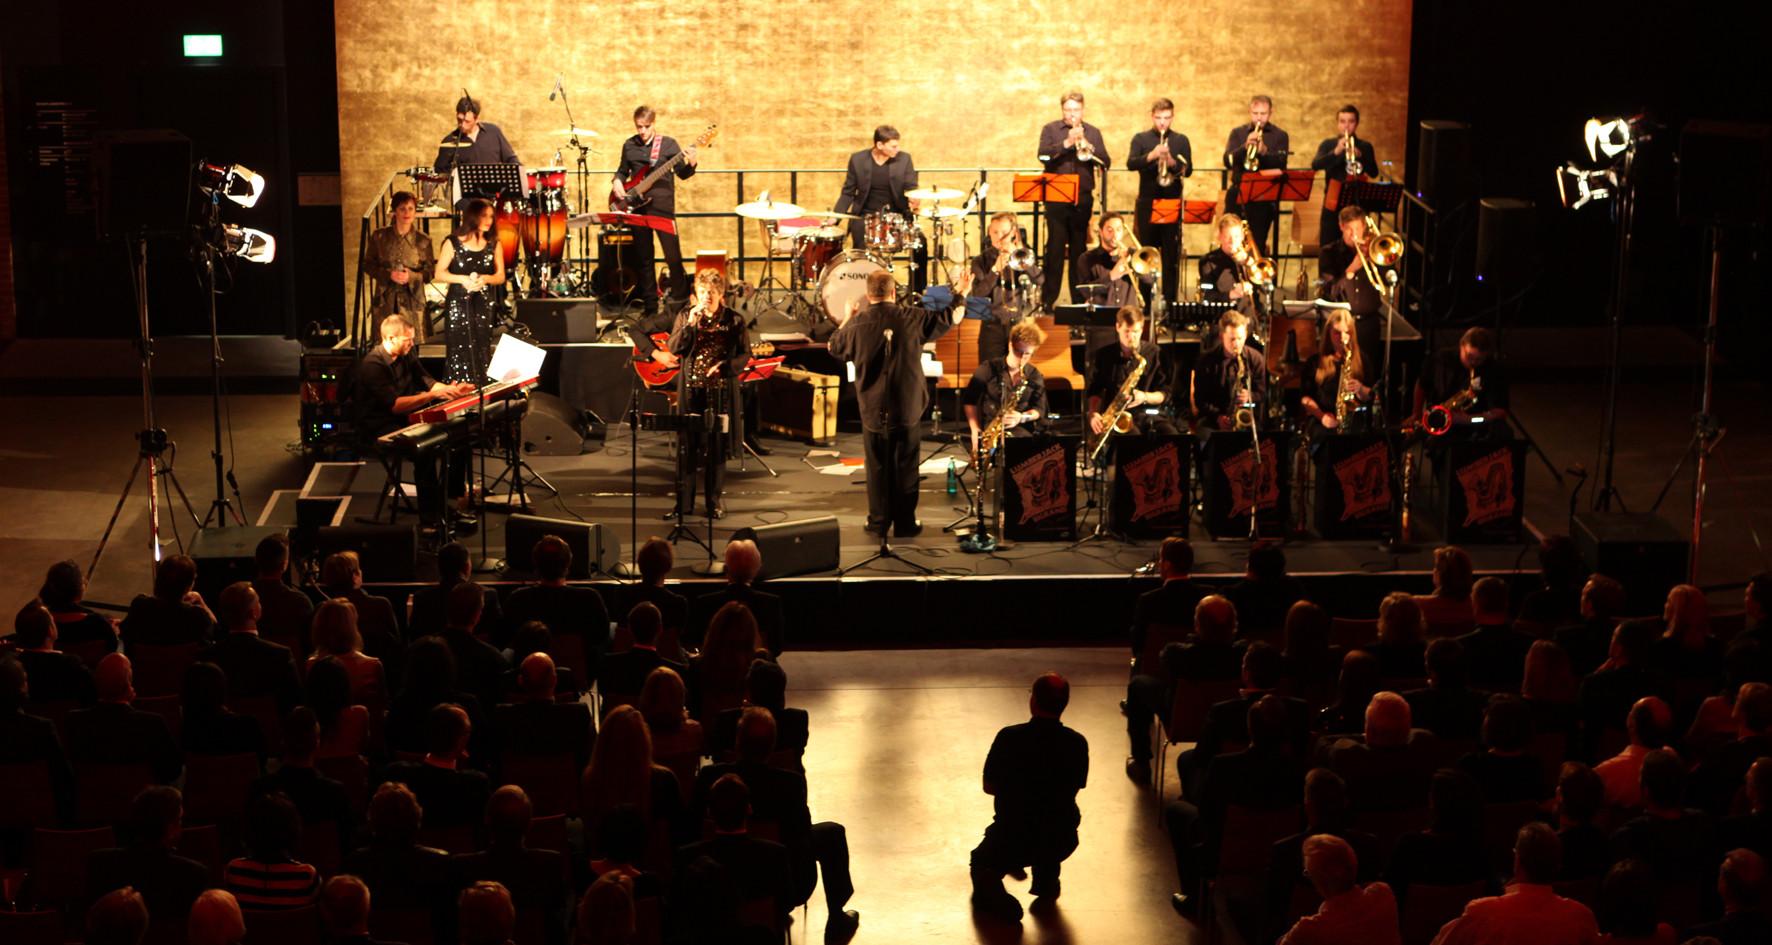 400 Gäste haben mit dem KIWANIS Club Stuttgart den 100. Geburtstag der Charity-Organisation im Goldbergwerk in Fellbach gefeiert.